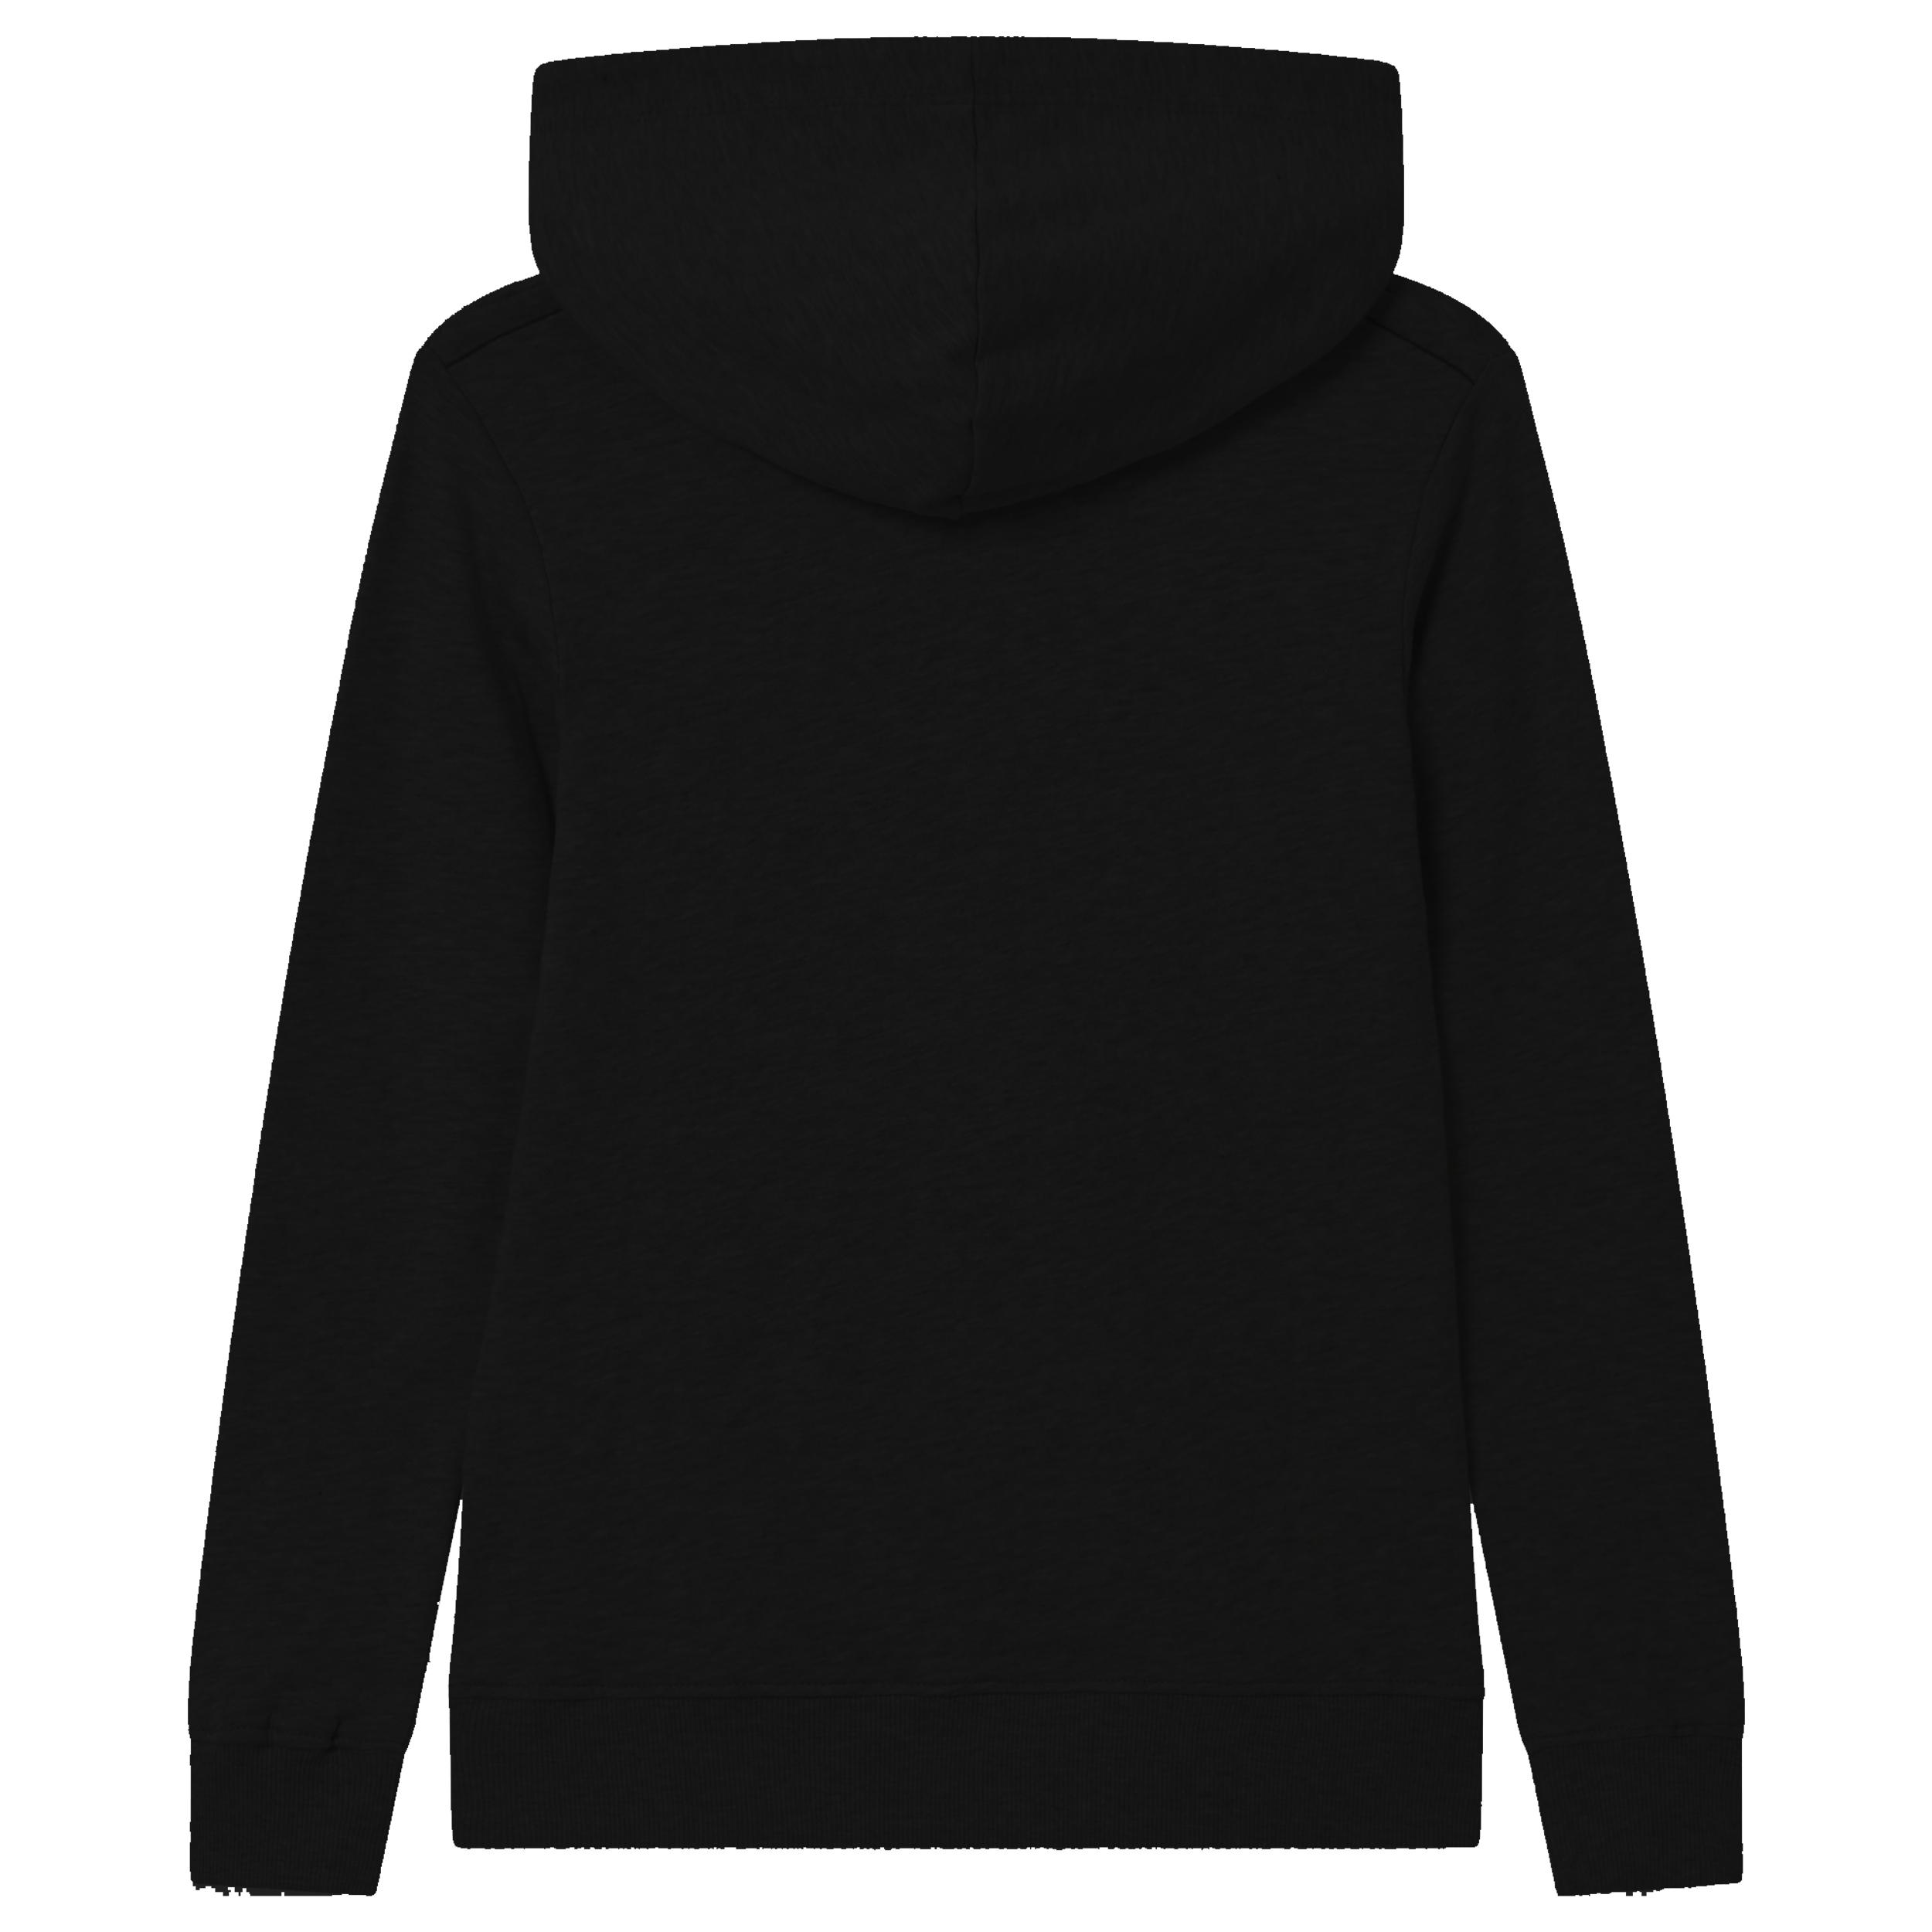 خرید                                     هودی دخترانه 27 مدل بایمکس کد V17 رنگ مشکی